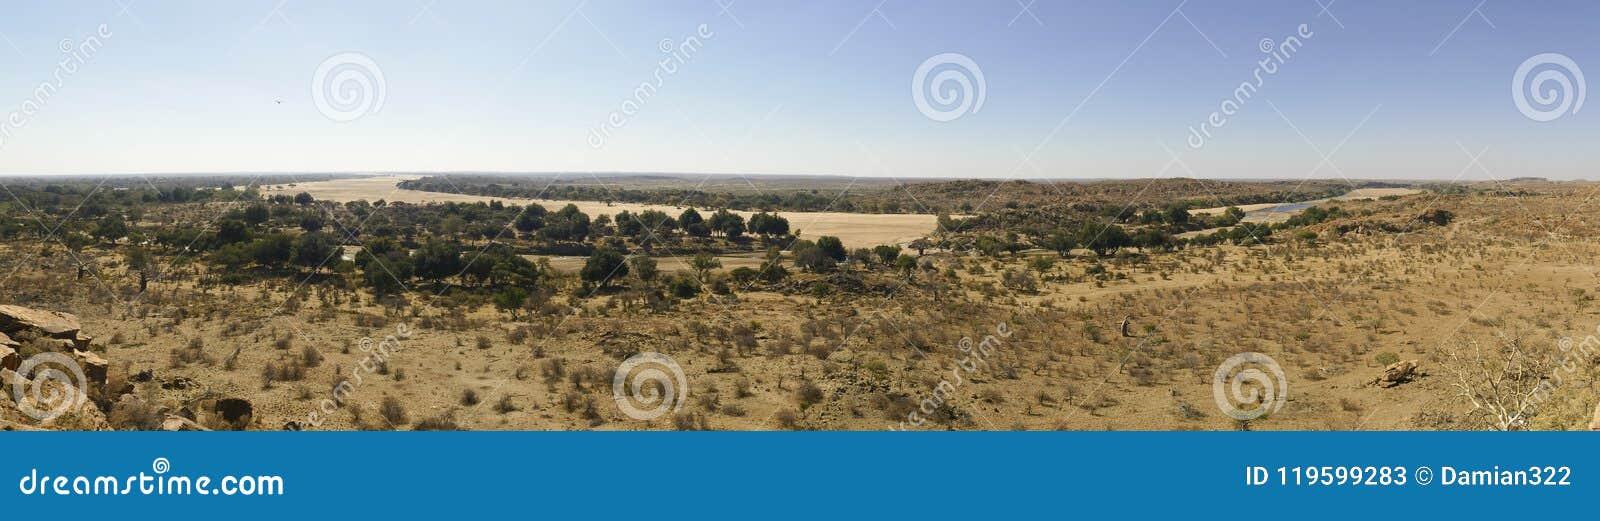 Cruzamento de rio de Limpopo a paisagem do deserto da nação de Mapungubwe